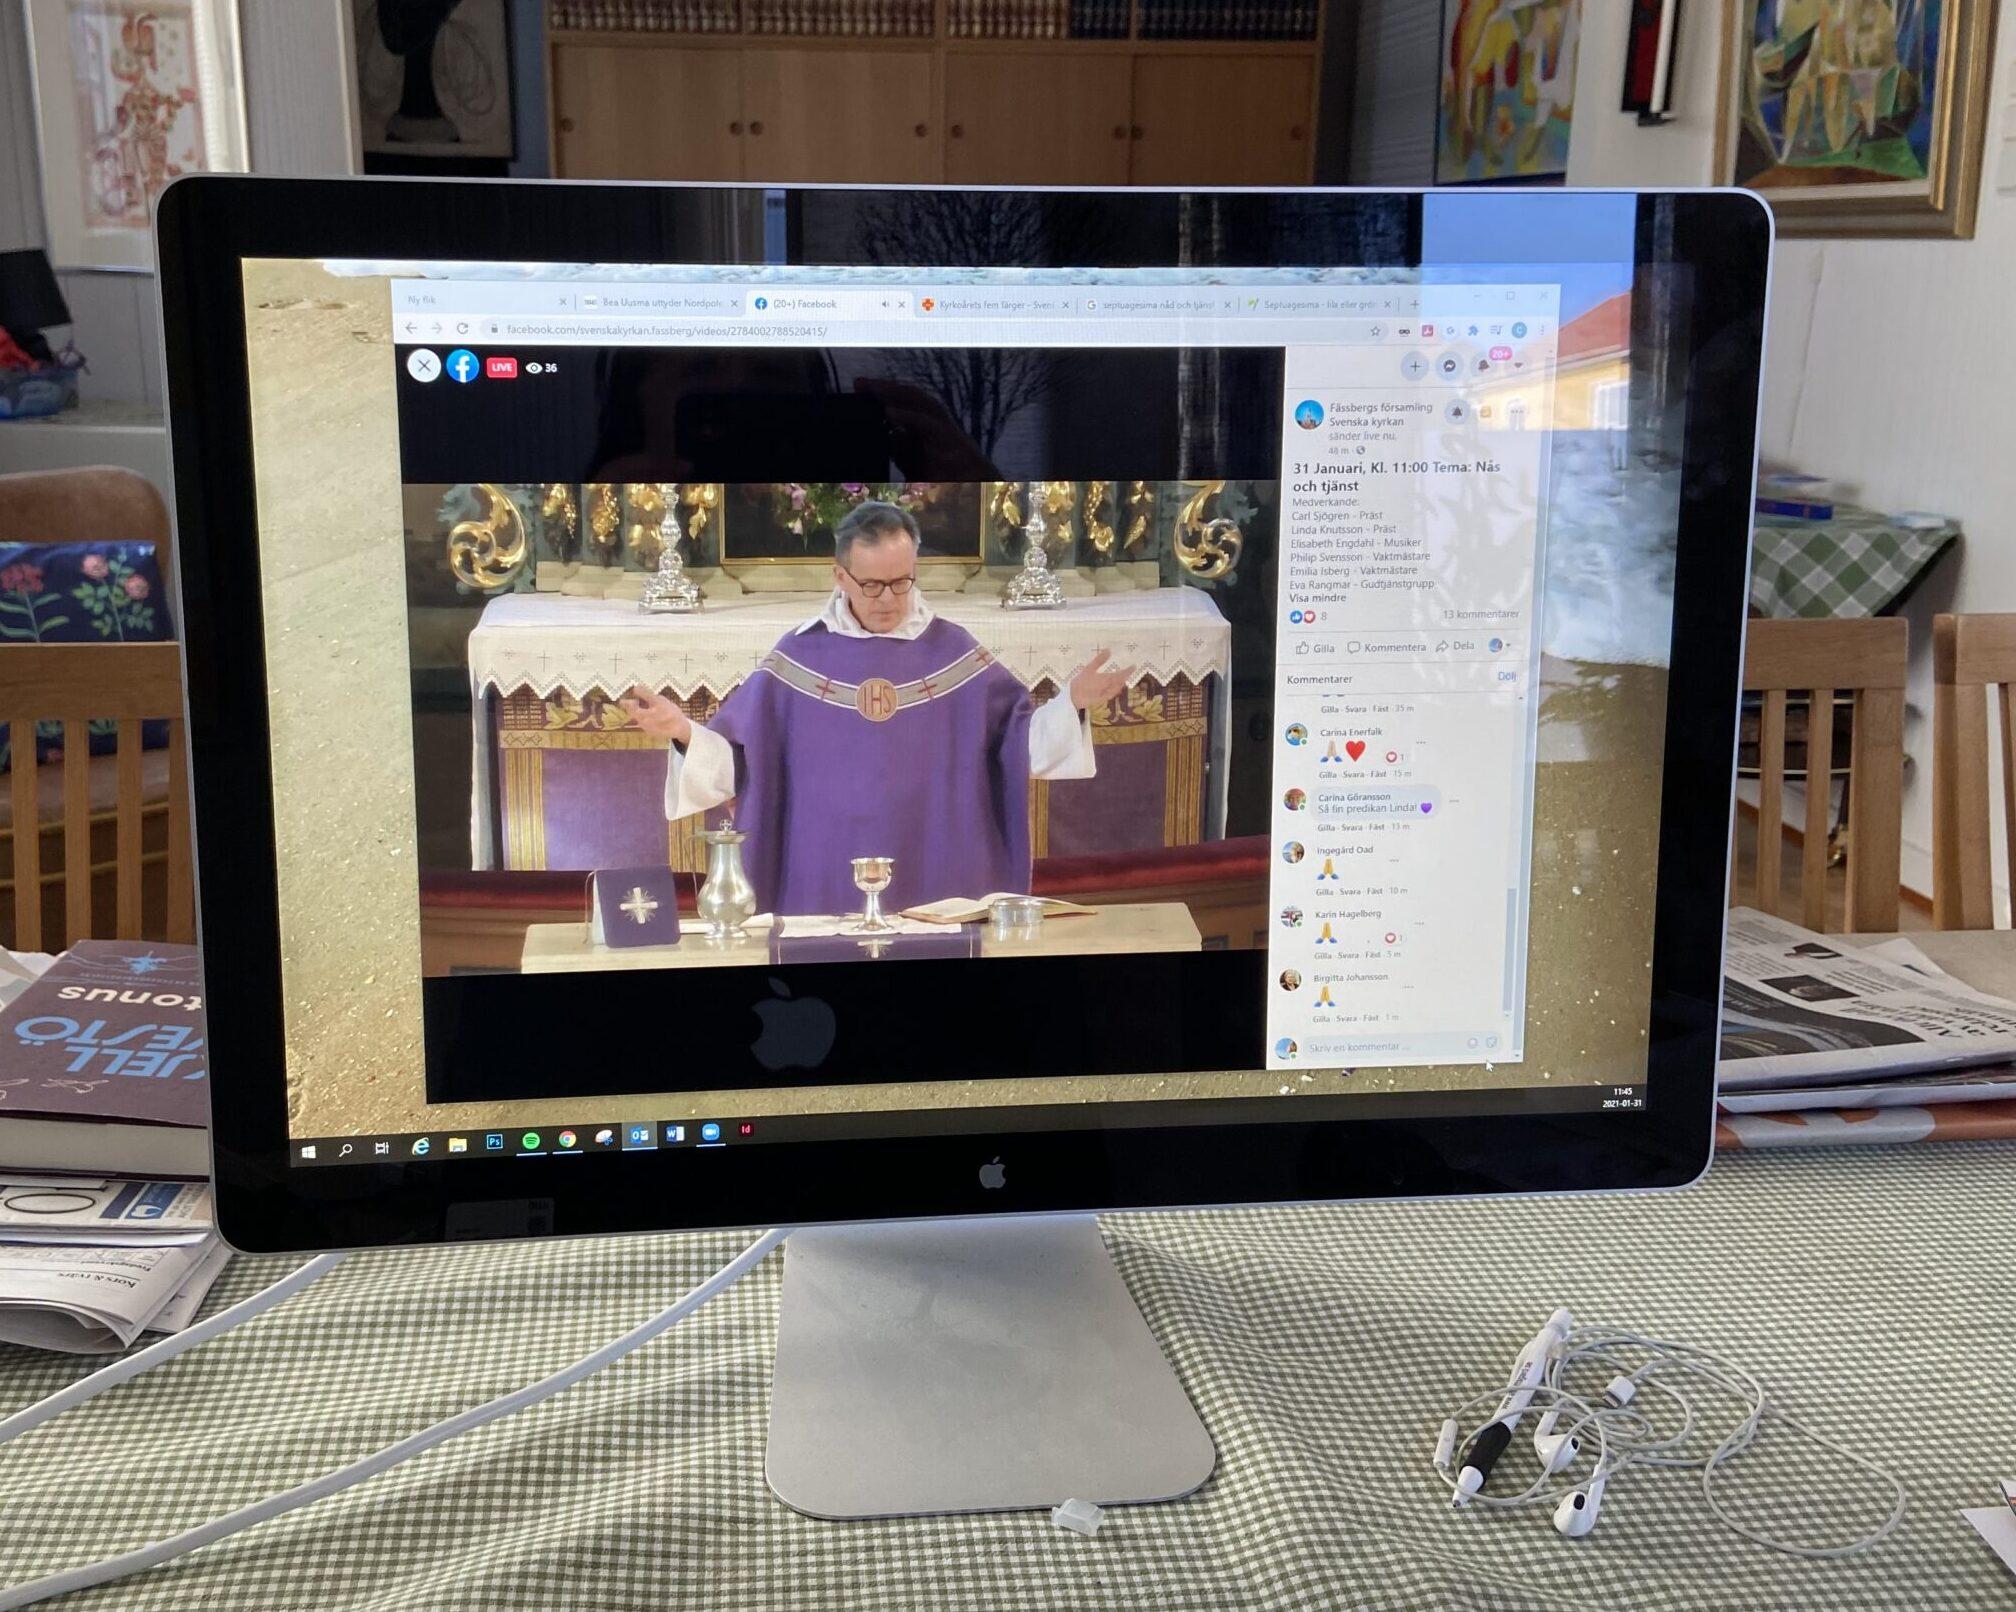 En dator står på ett bord och visar en gudstjänst som sänds digitalt.